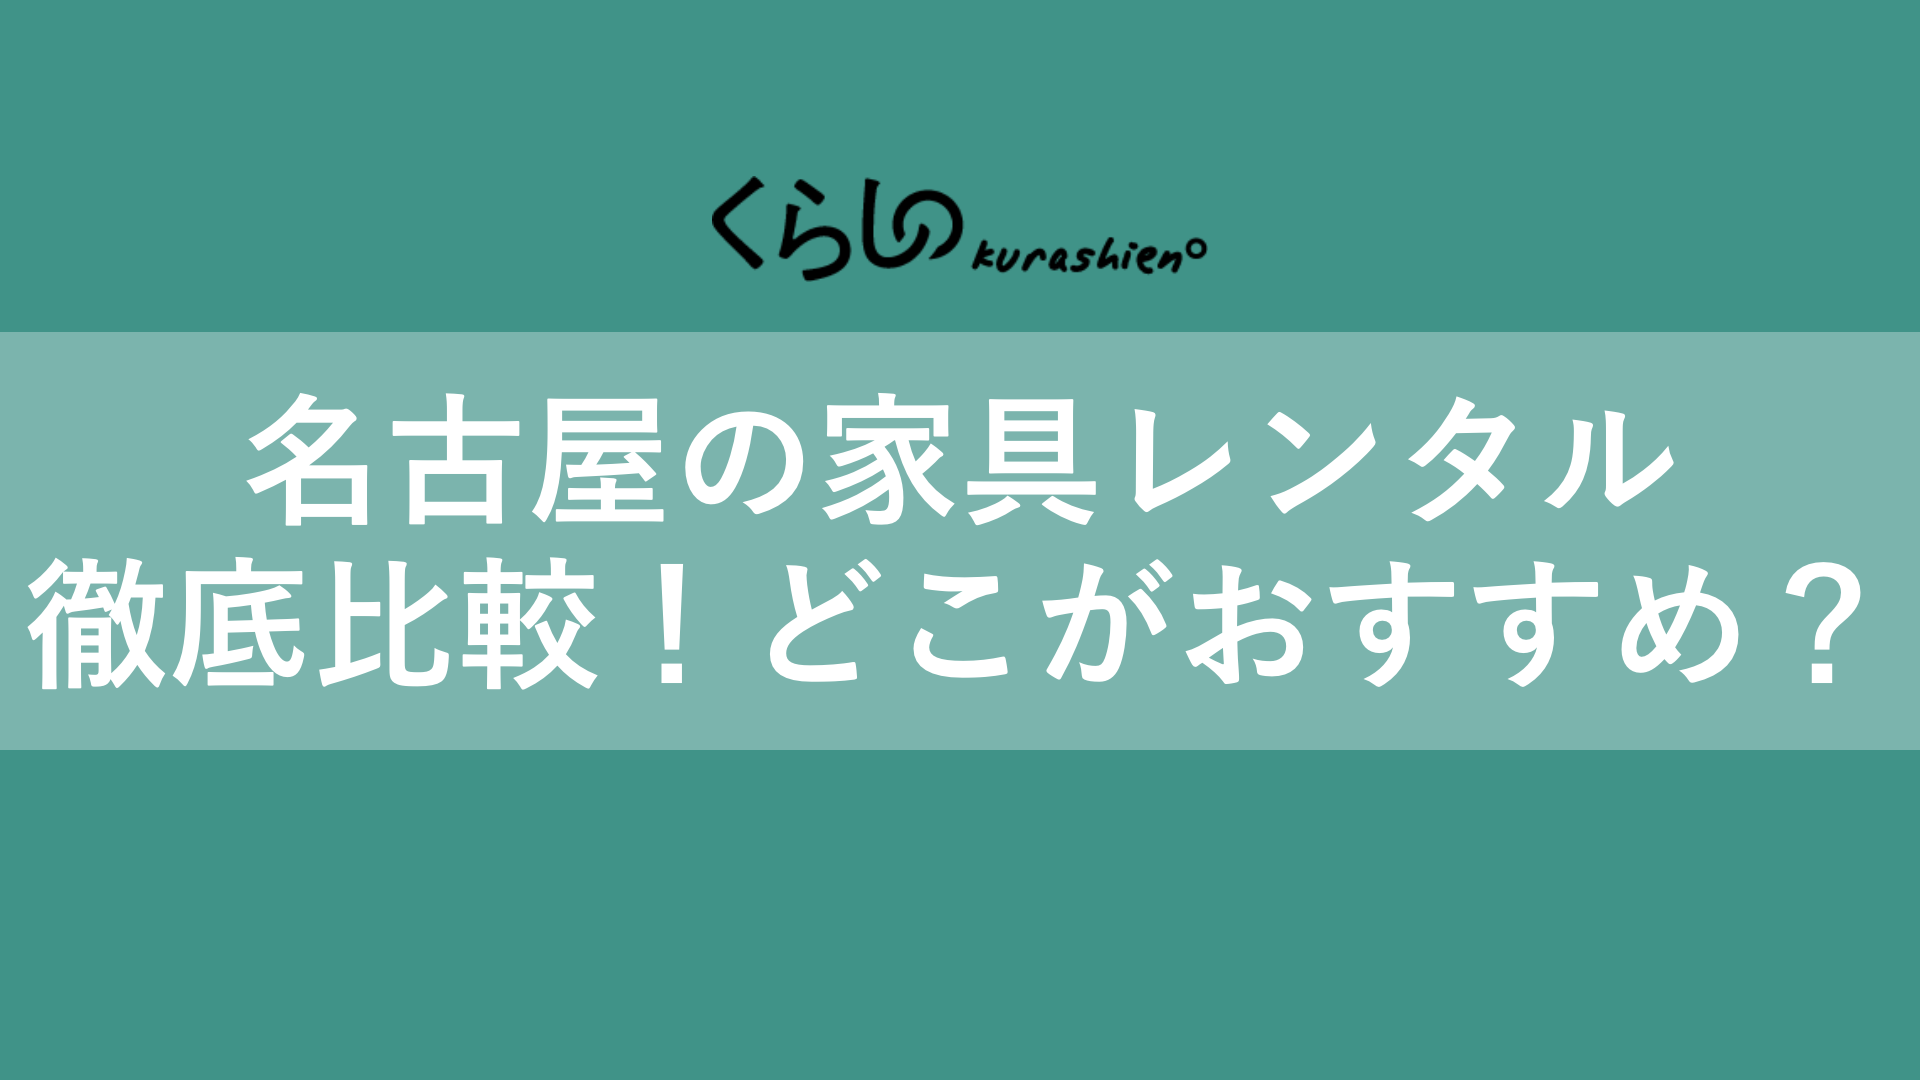 名古屋の家具レンタル徹底比較!どこがおすすめ?評判や口コミも